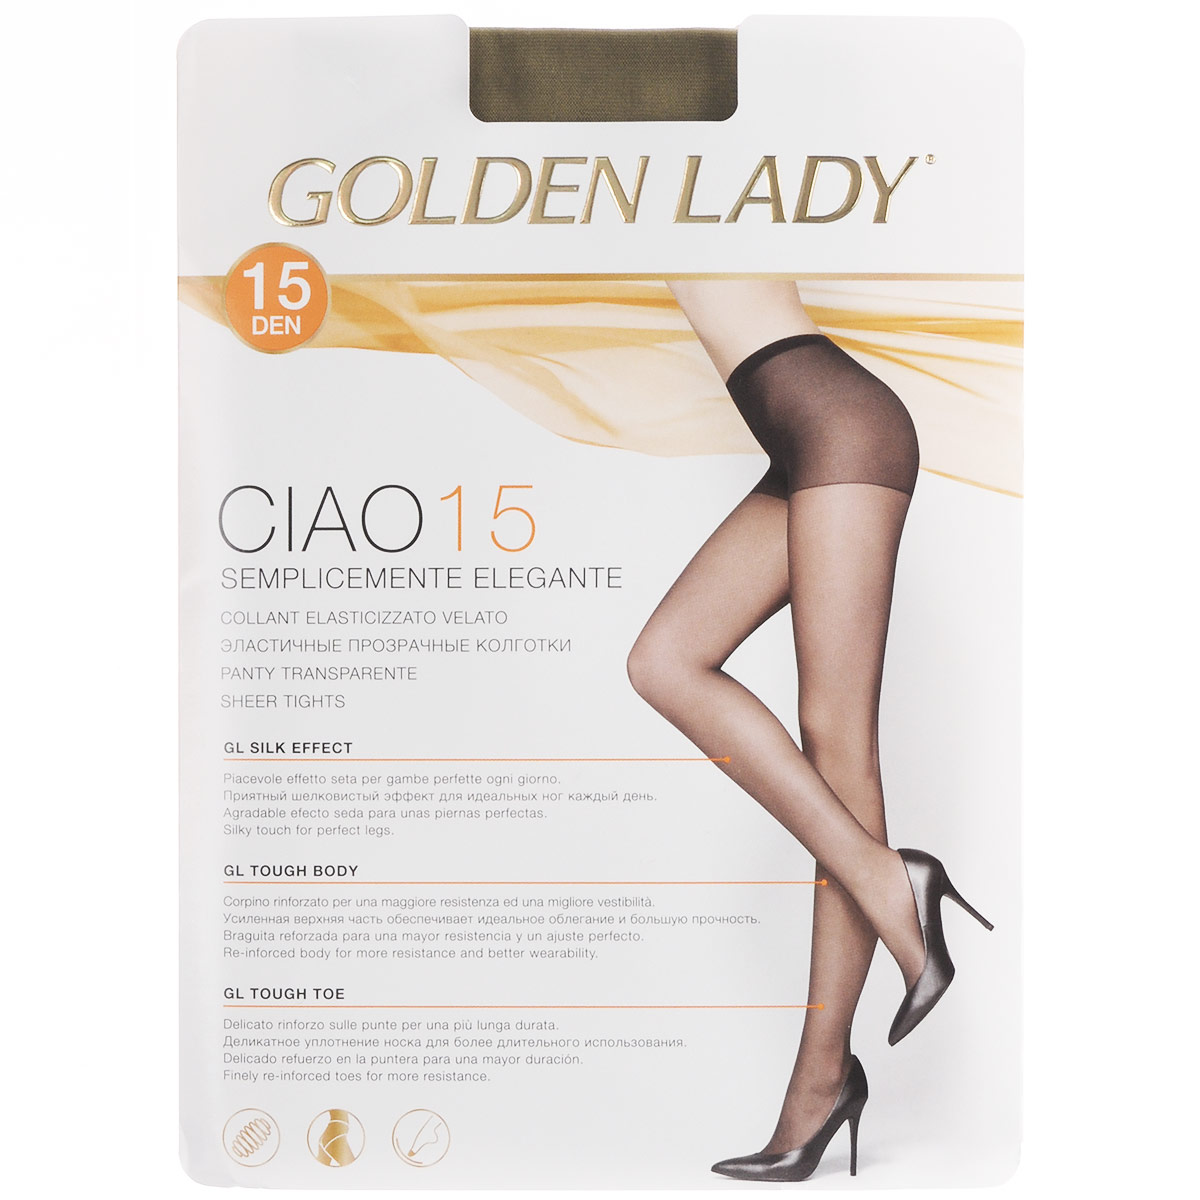 Колготки женские Golden Lady Ciao 15, цвет: Melon (телесный). 36N-UR. Размер 3 (M) цены онлайн